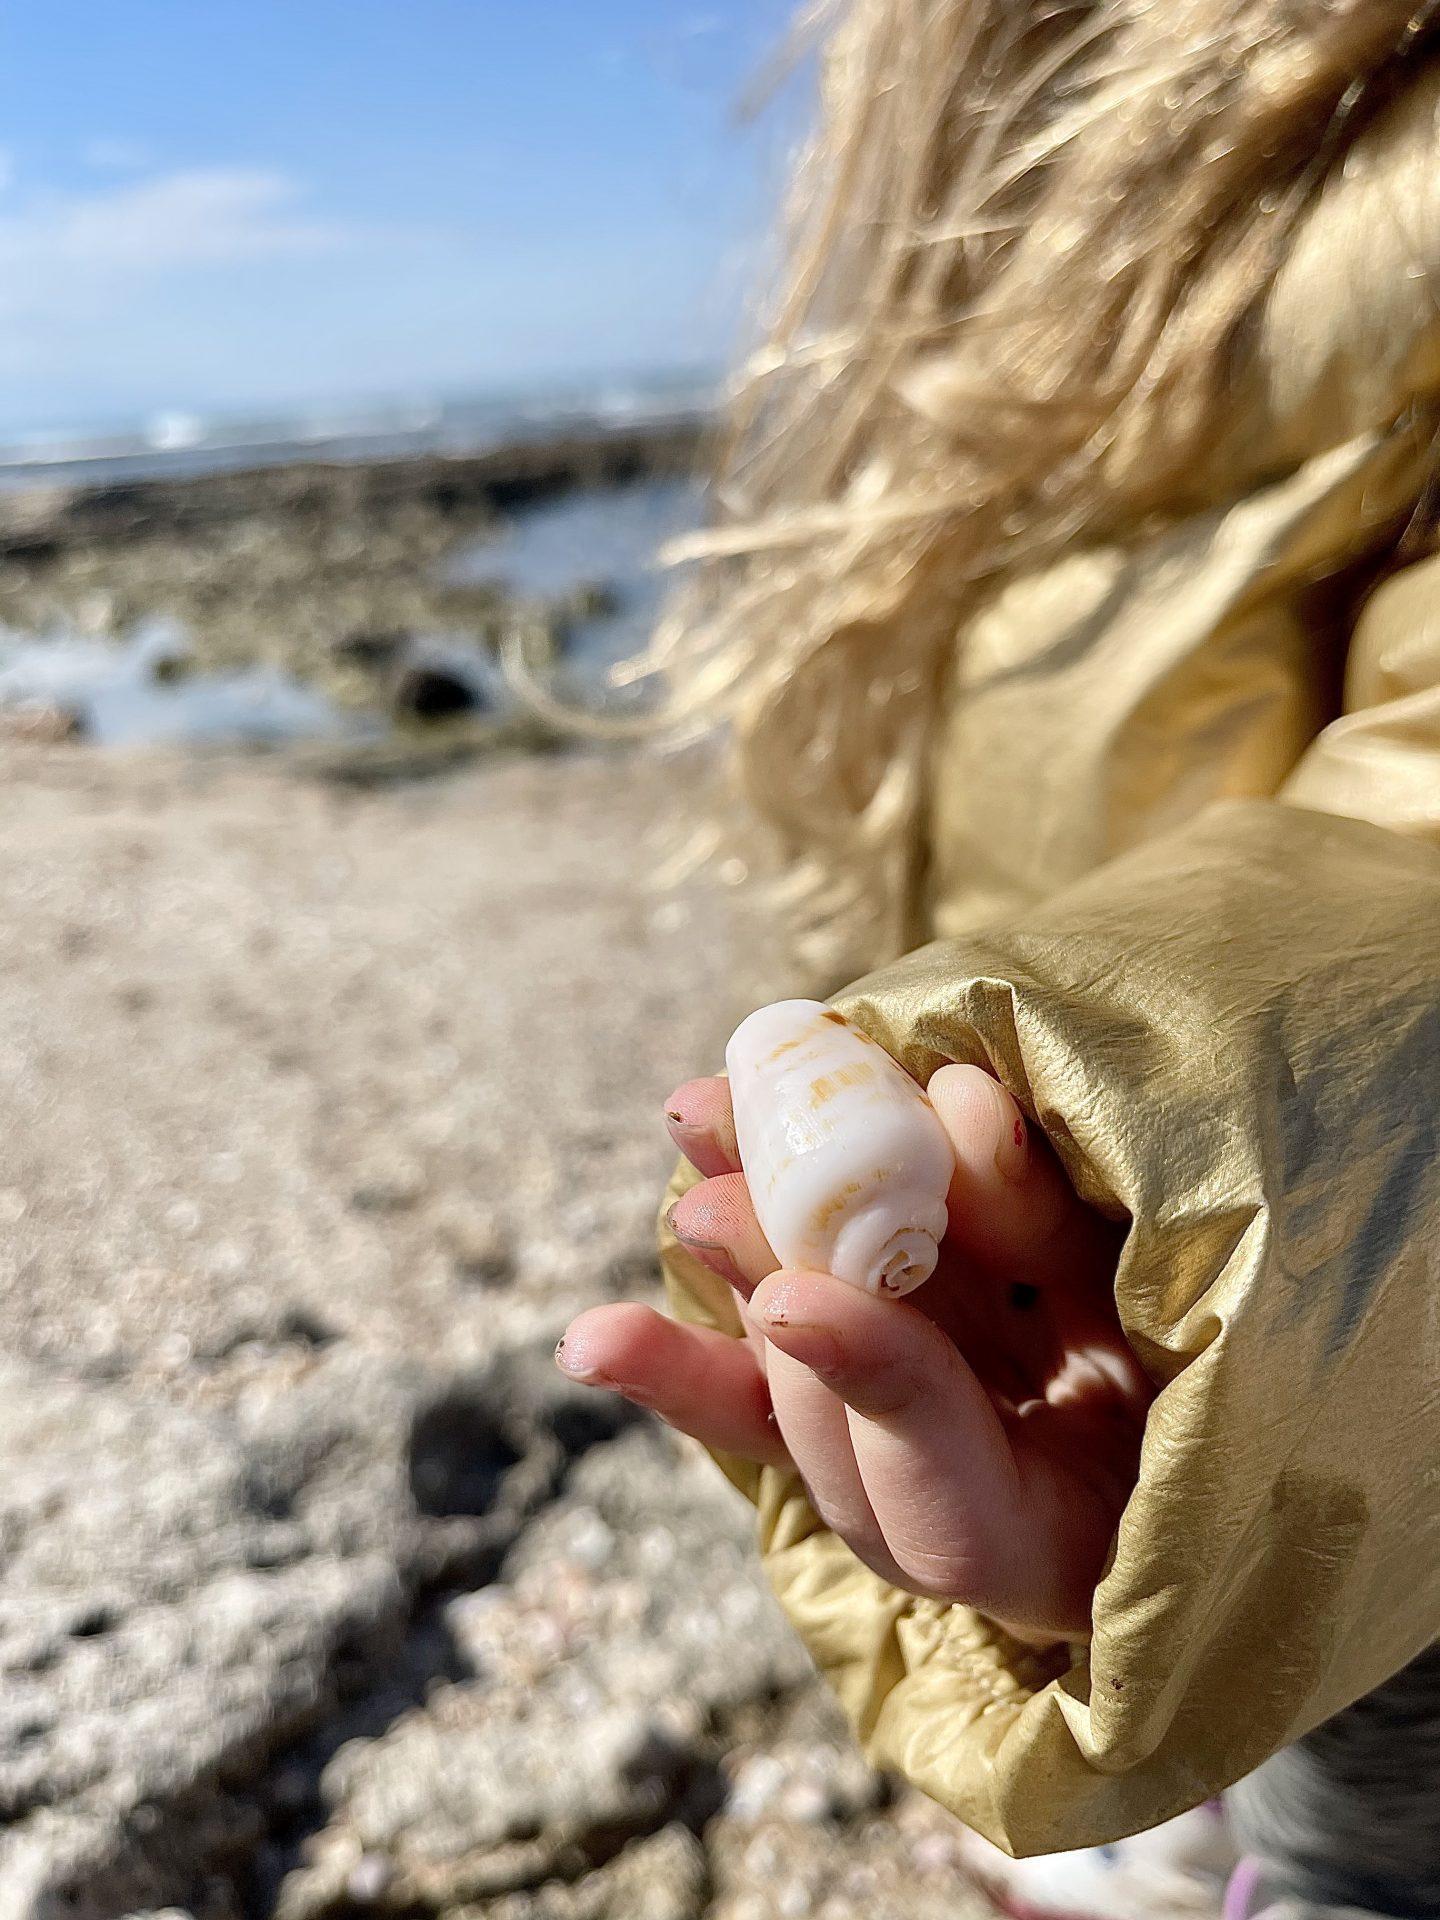 טיול עם ילדים בטבע- חיפה והסביבה